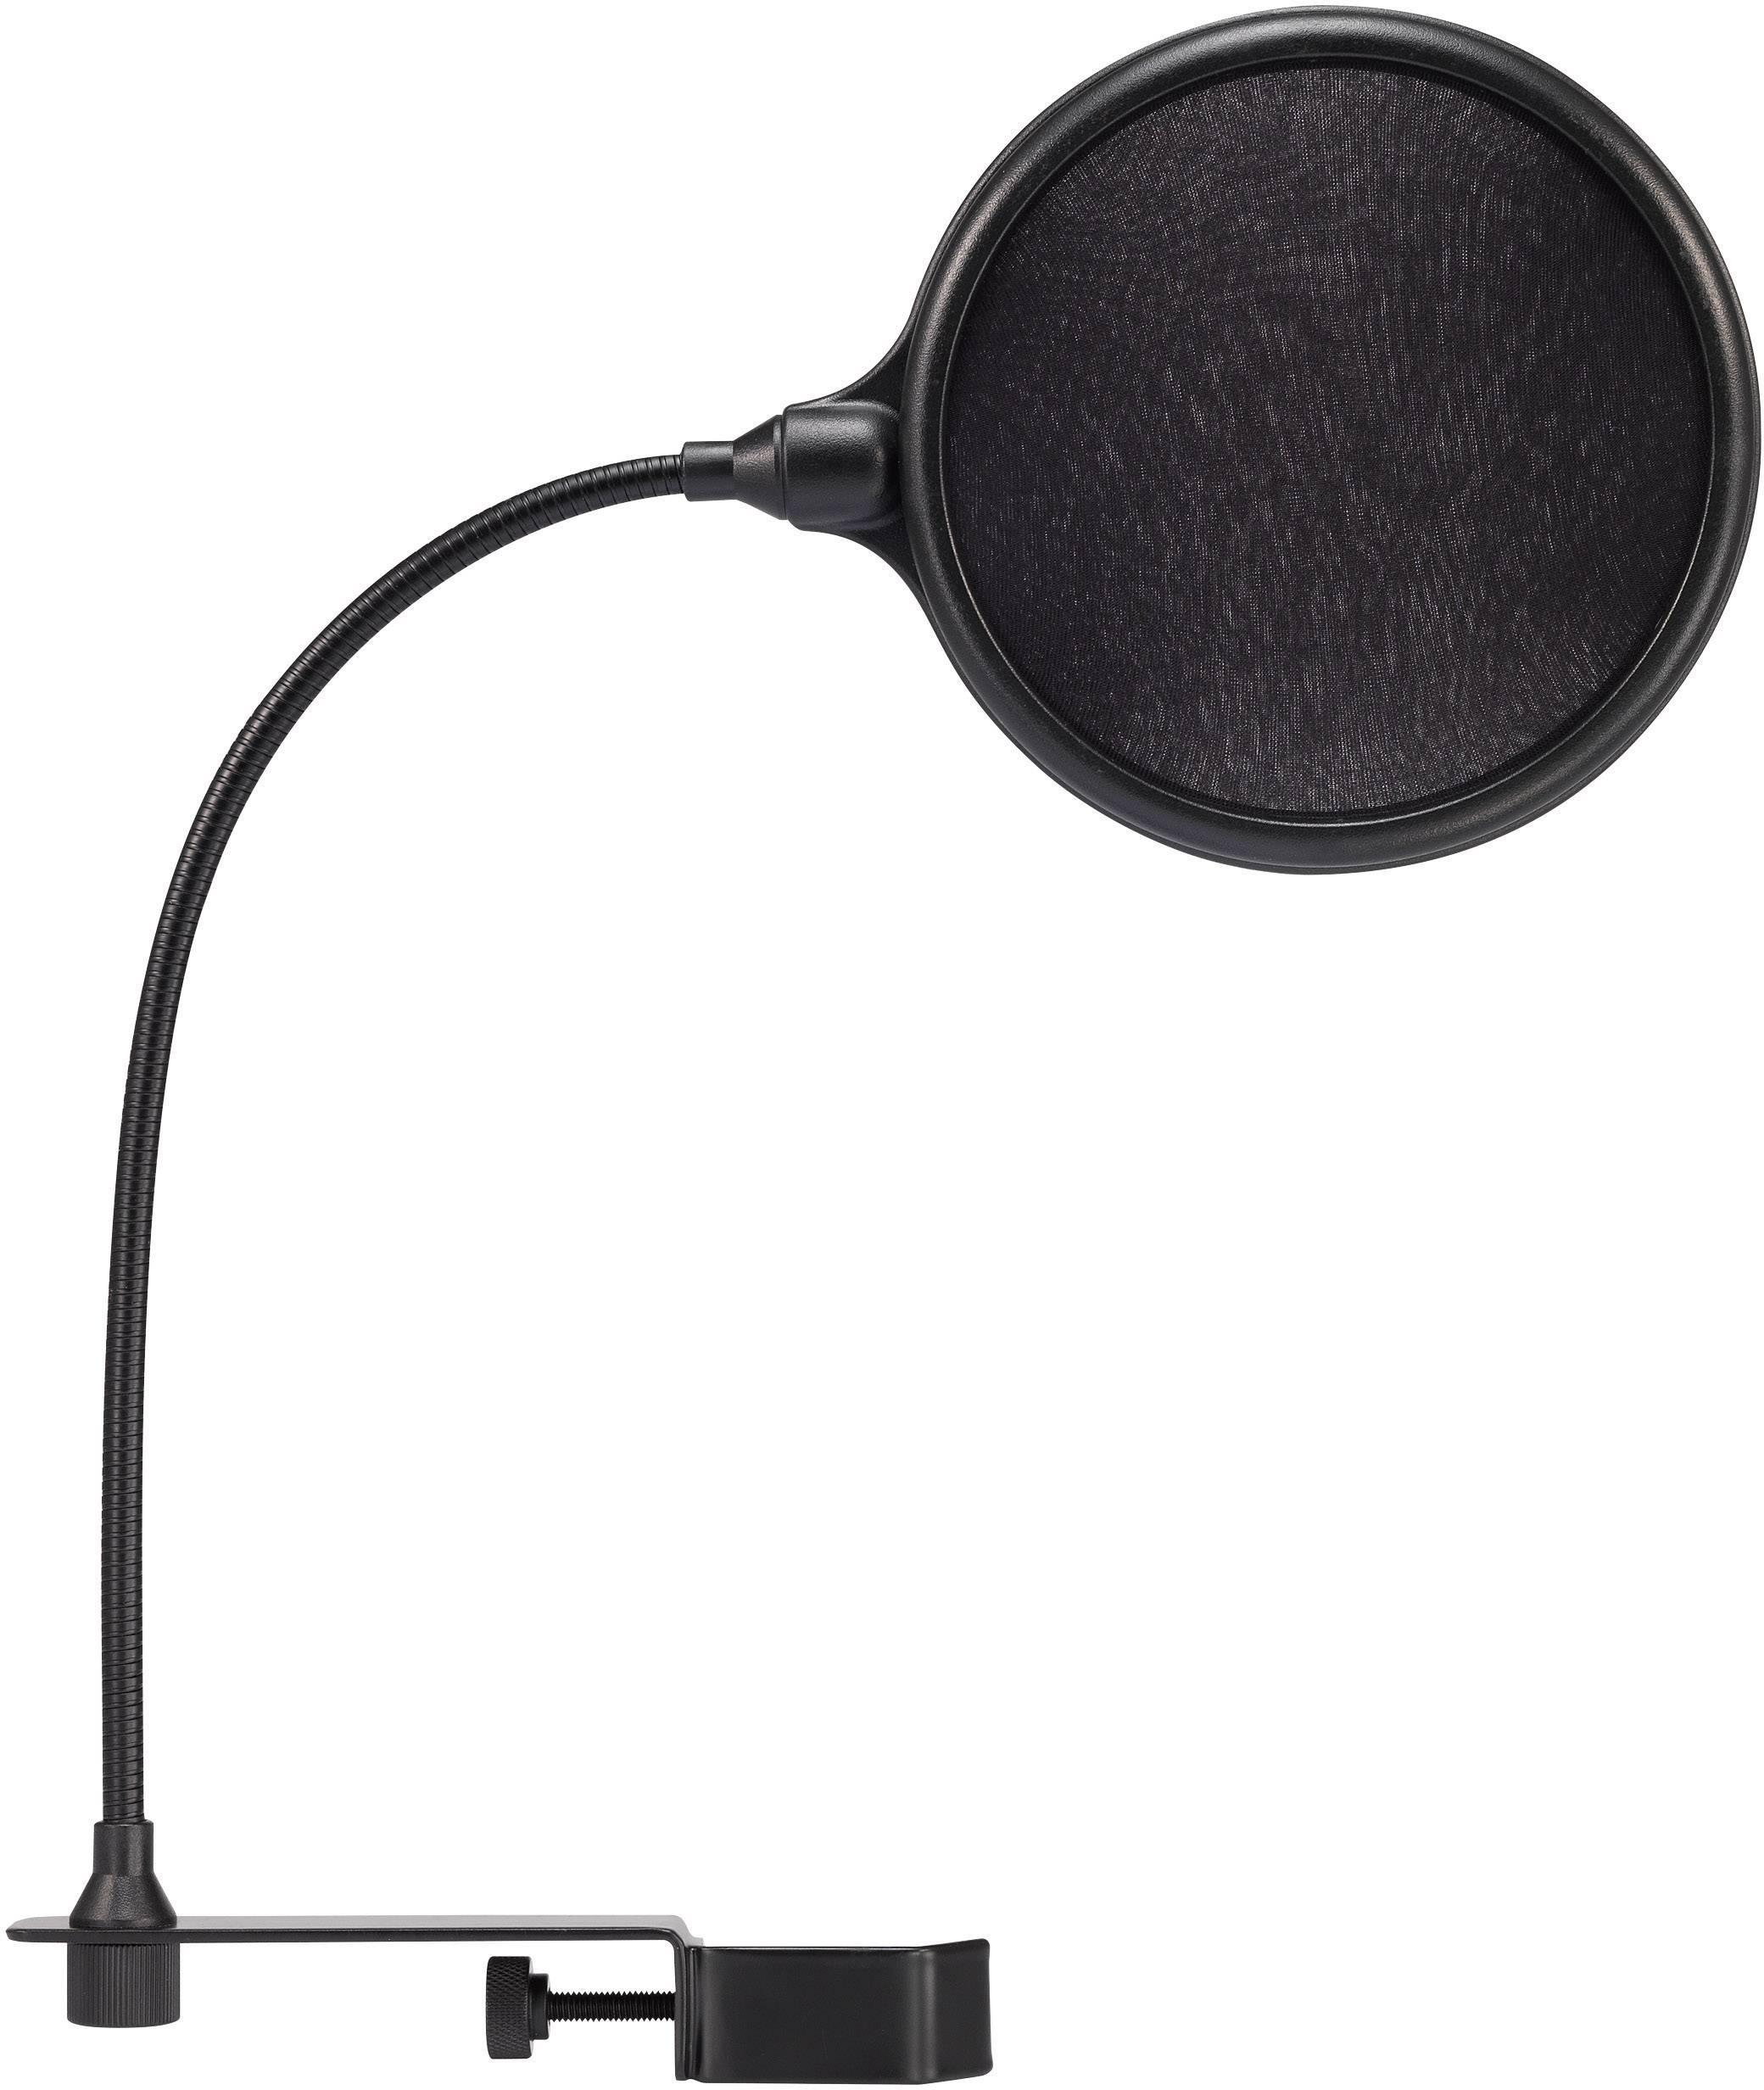 Mikrofonový pop filtr Renkforce SPS-019